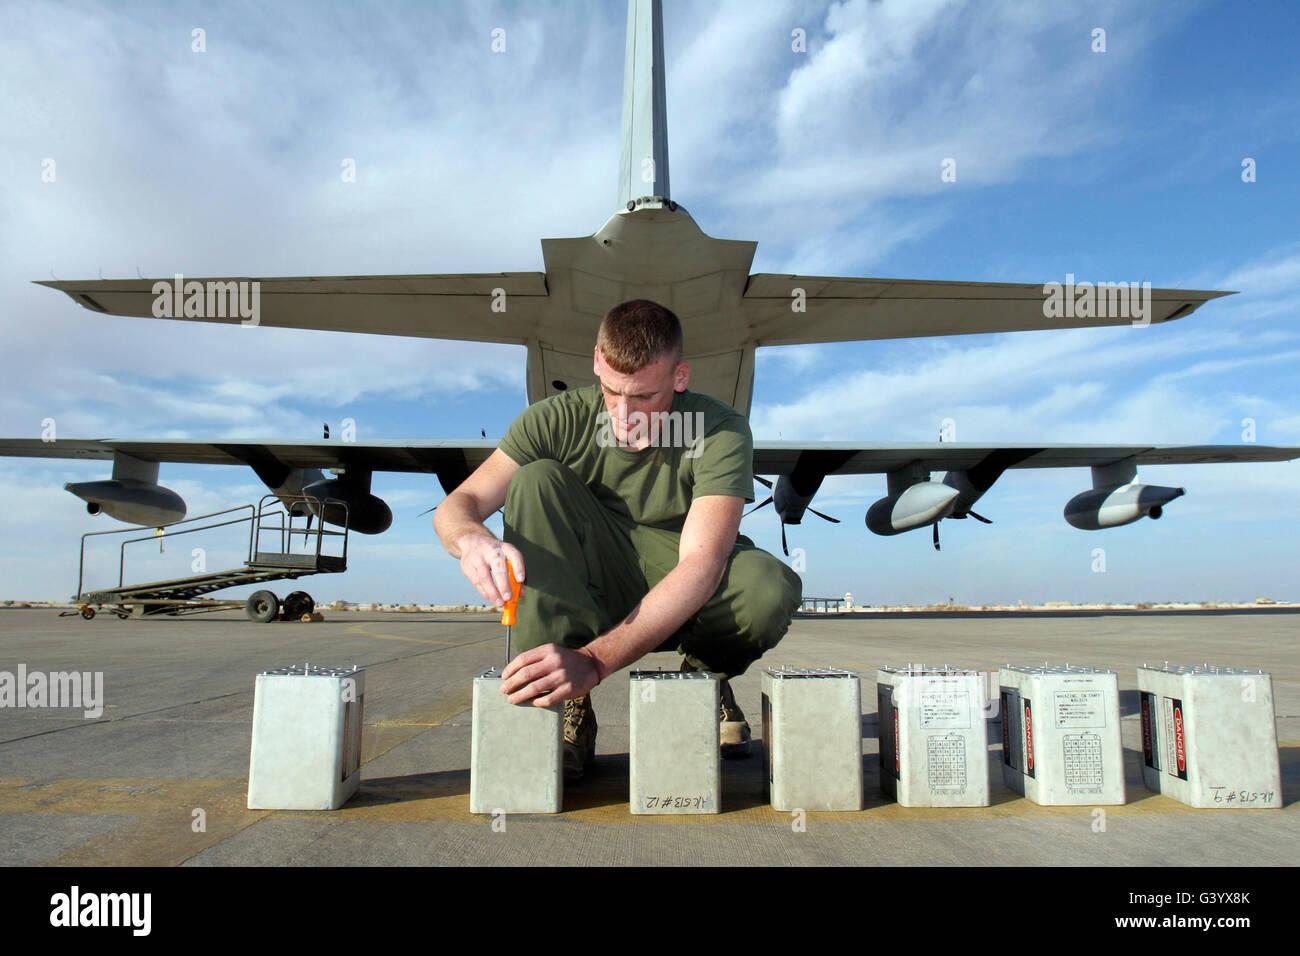 Un remplace marine dans les éruptions de leurres d'un KC-130J Hercules. Photo Stock